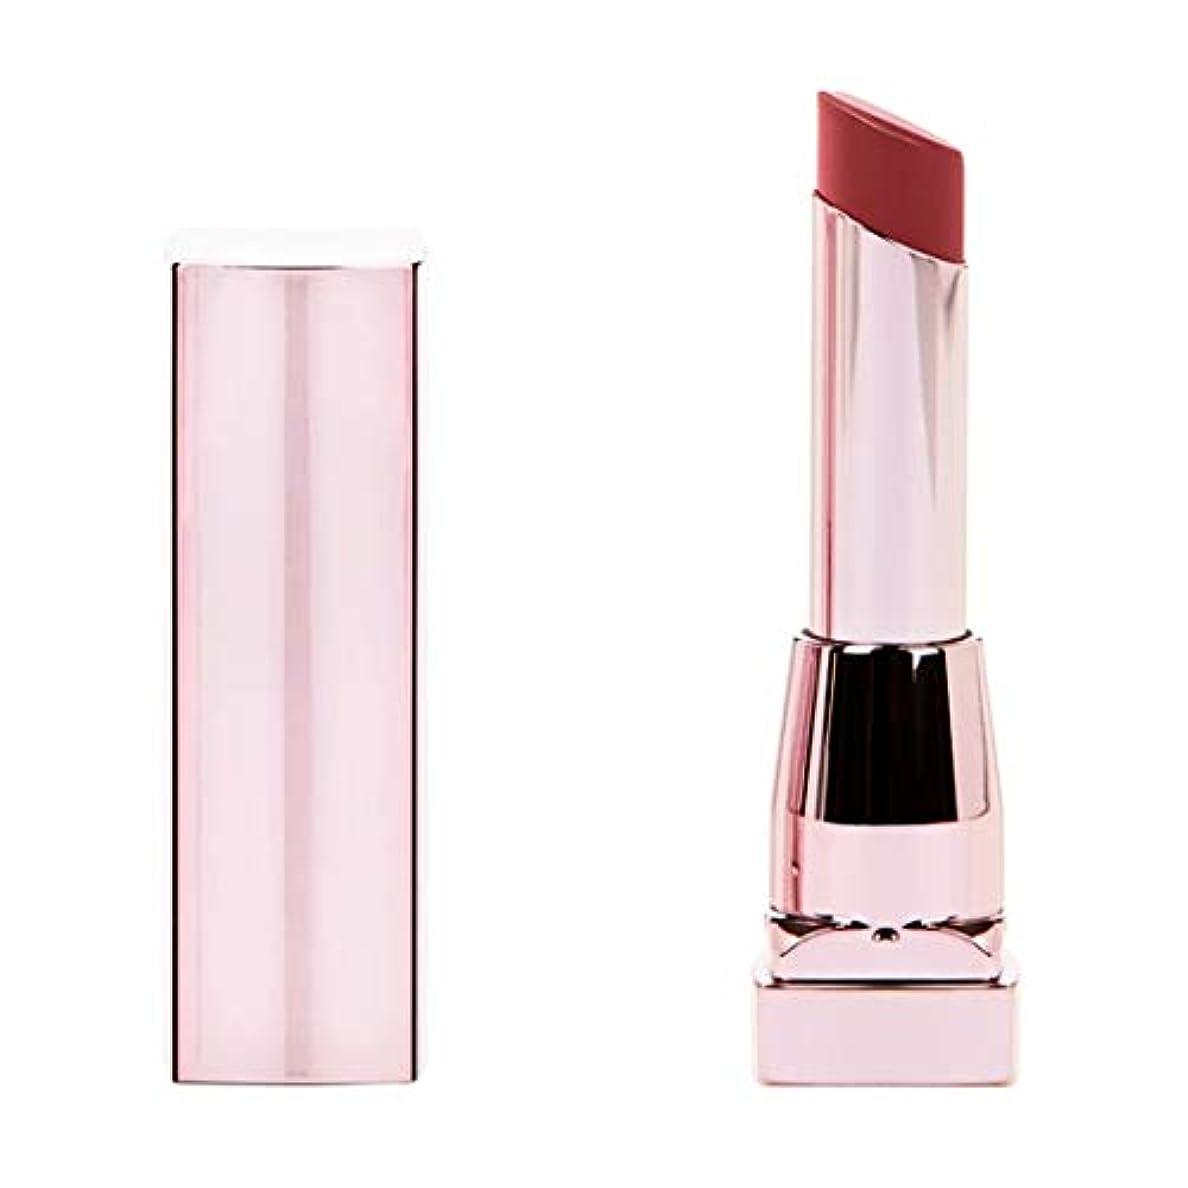 アンタゴニスト有益な郵便(6 Pack) MAYBELLINE Color Sensational Shine Compulsion Lipstick - Scarlet Flame 090 (並行輸入品)